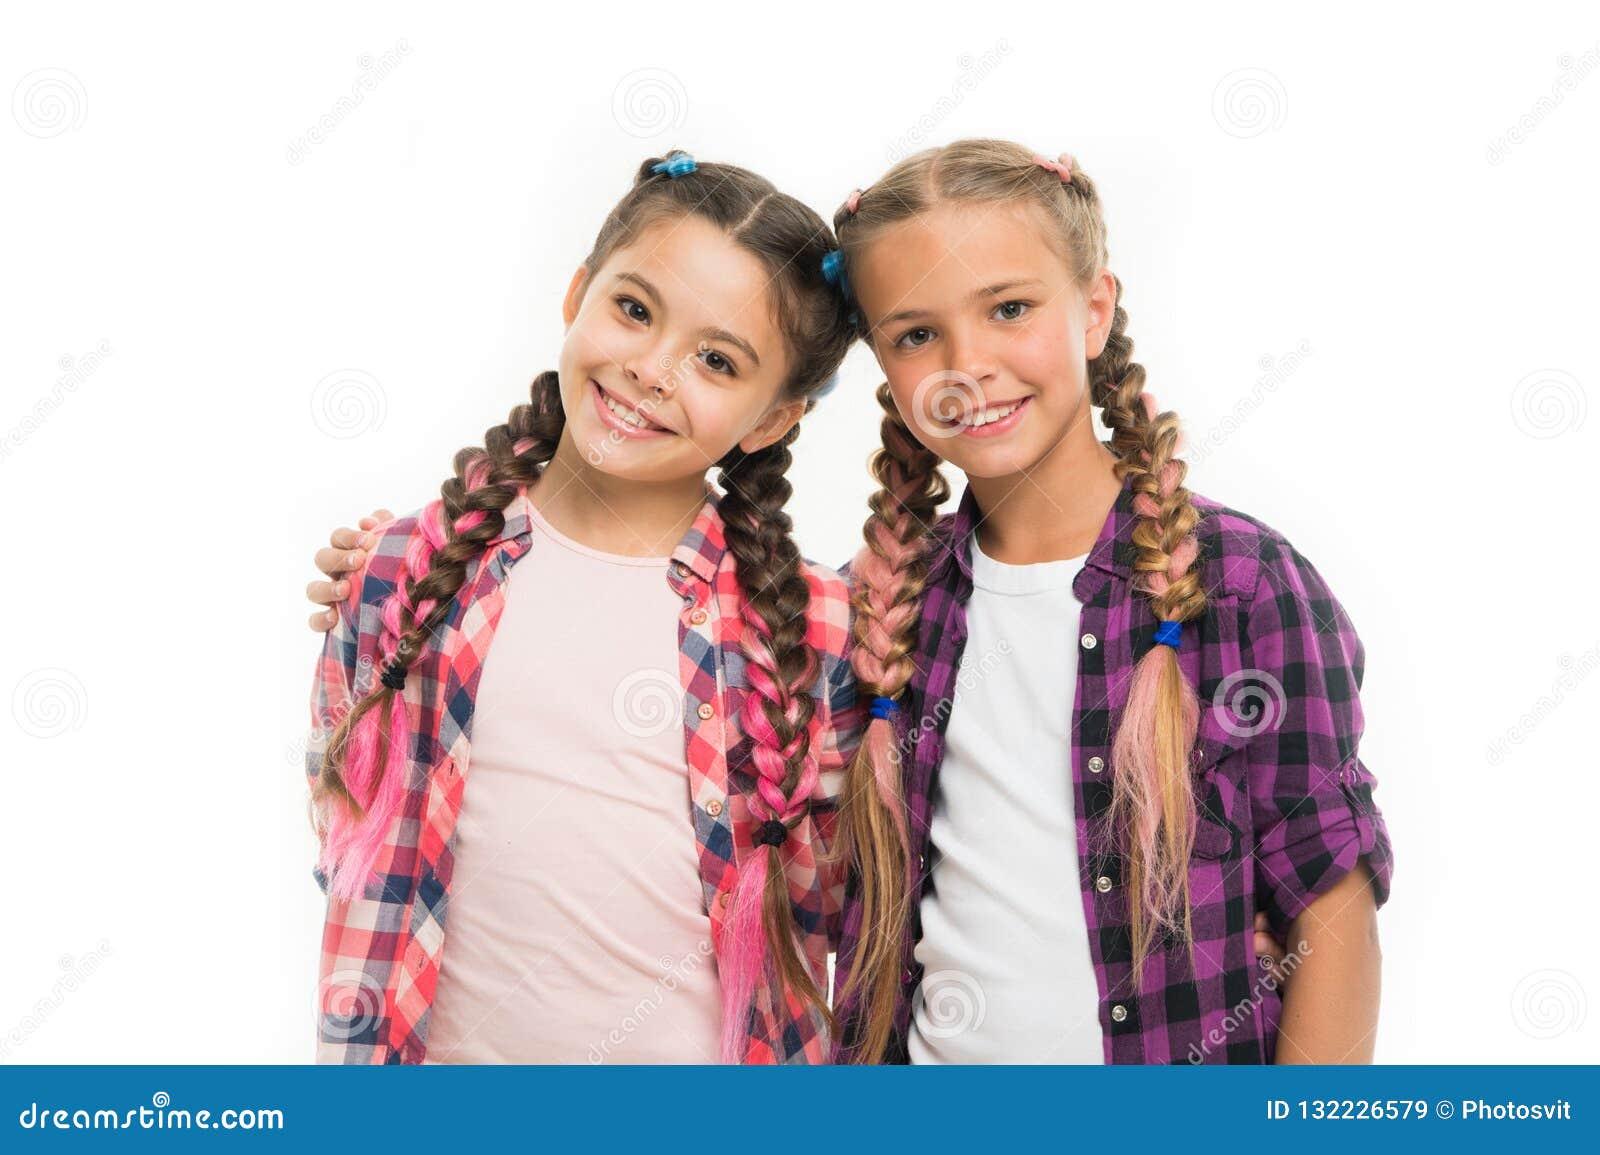 Muchachas De Moda Vestido Similar Con El Mejor Amigo Vestido